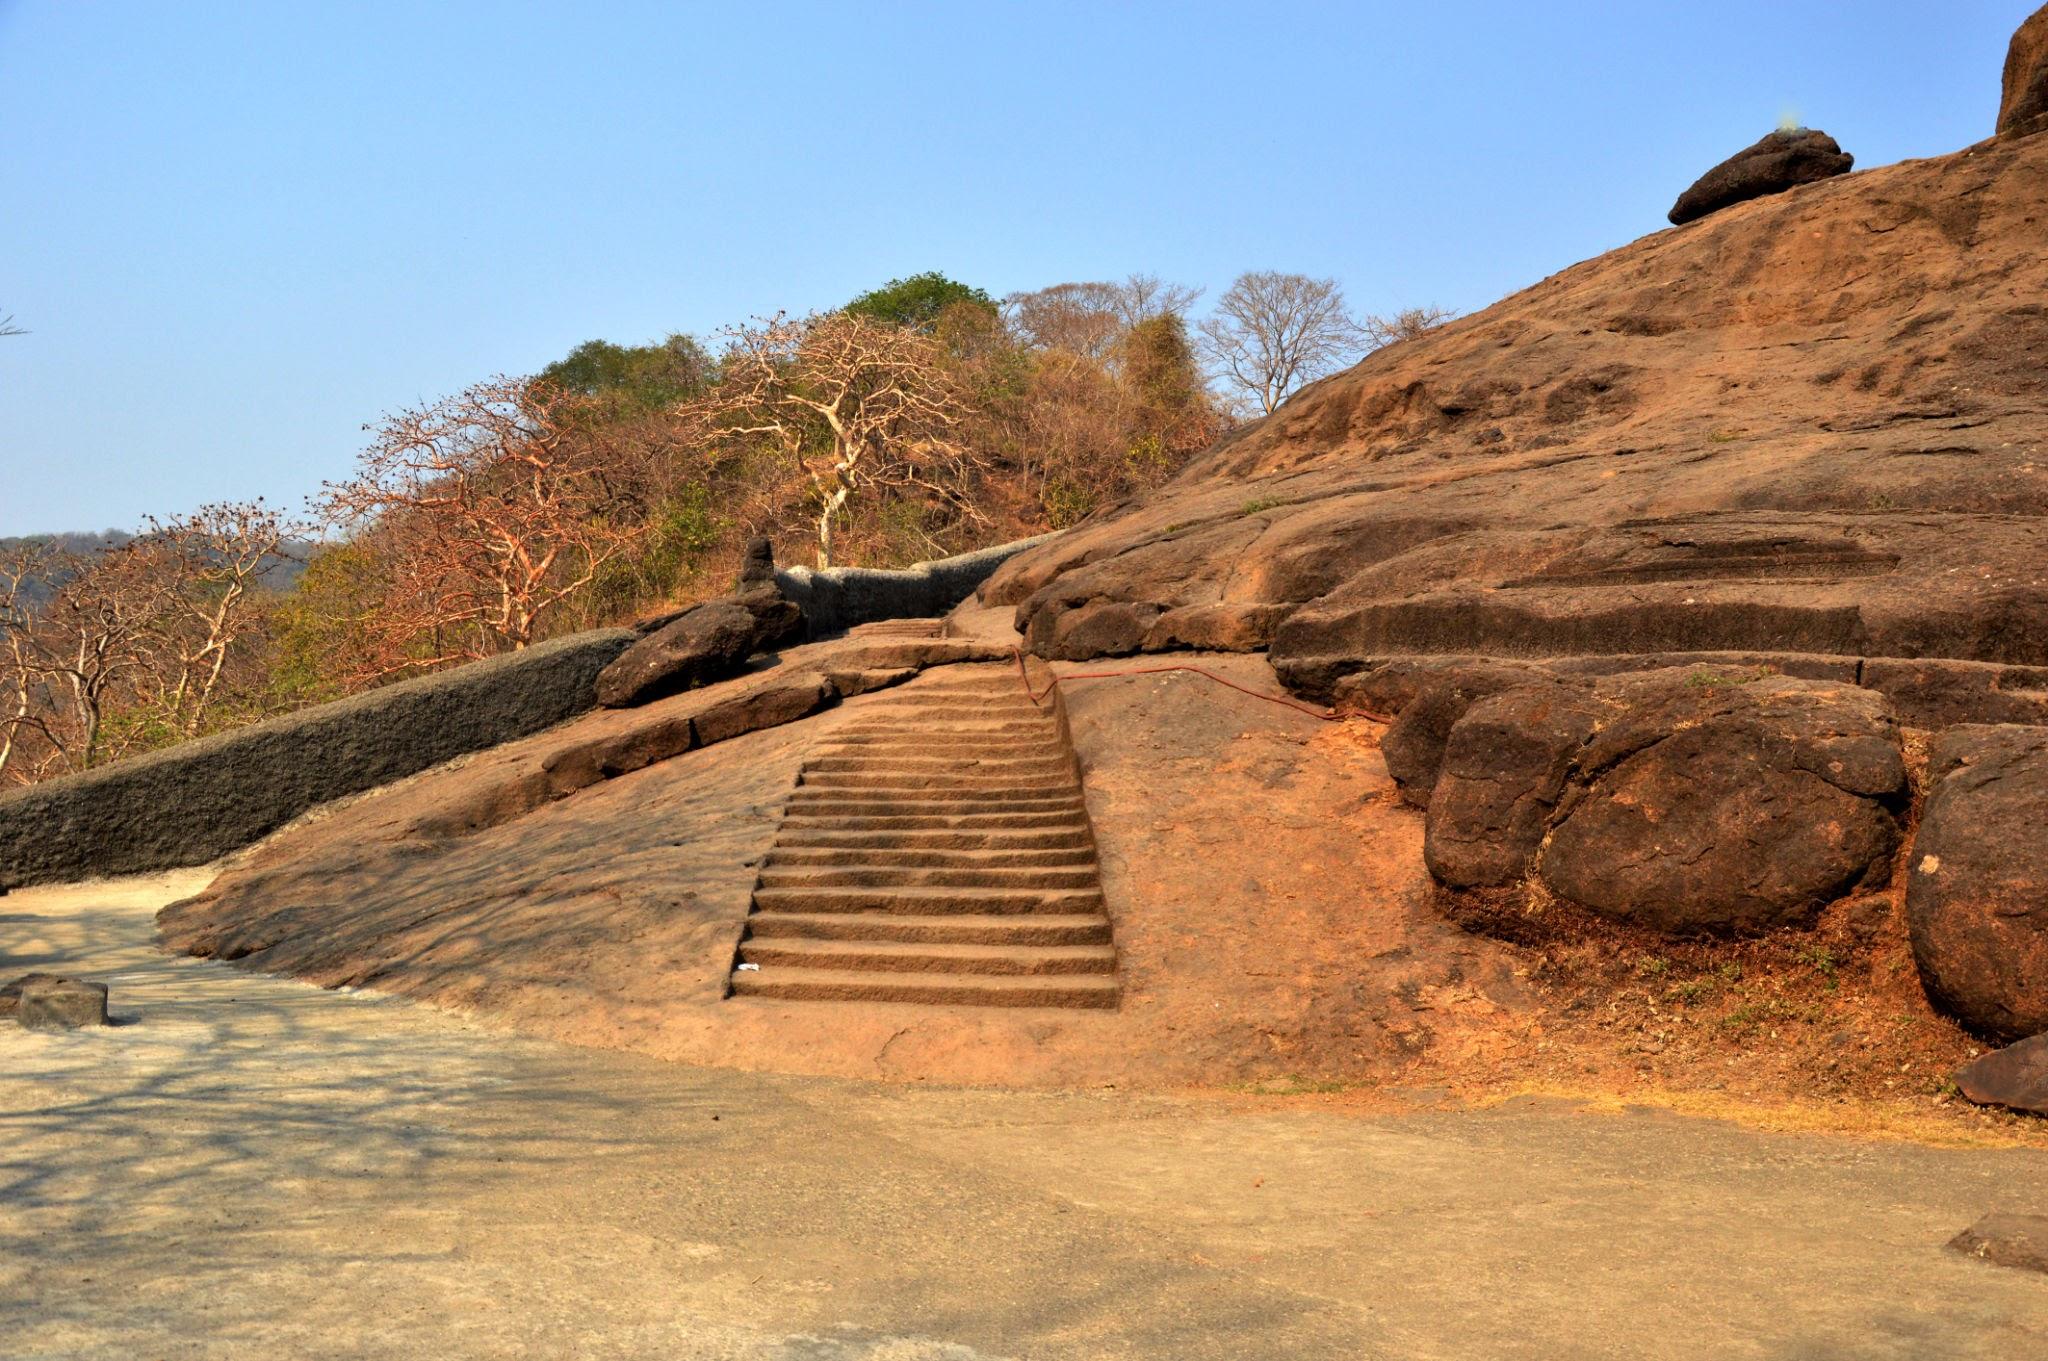 الاماكن السياحية في مومباي جزيرة الفيلة